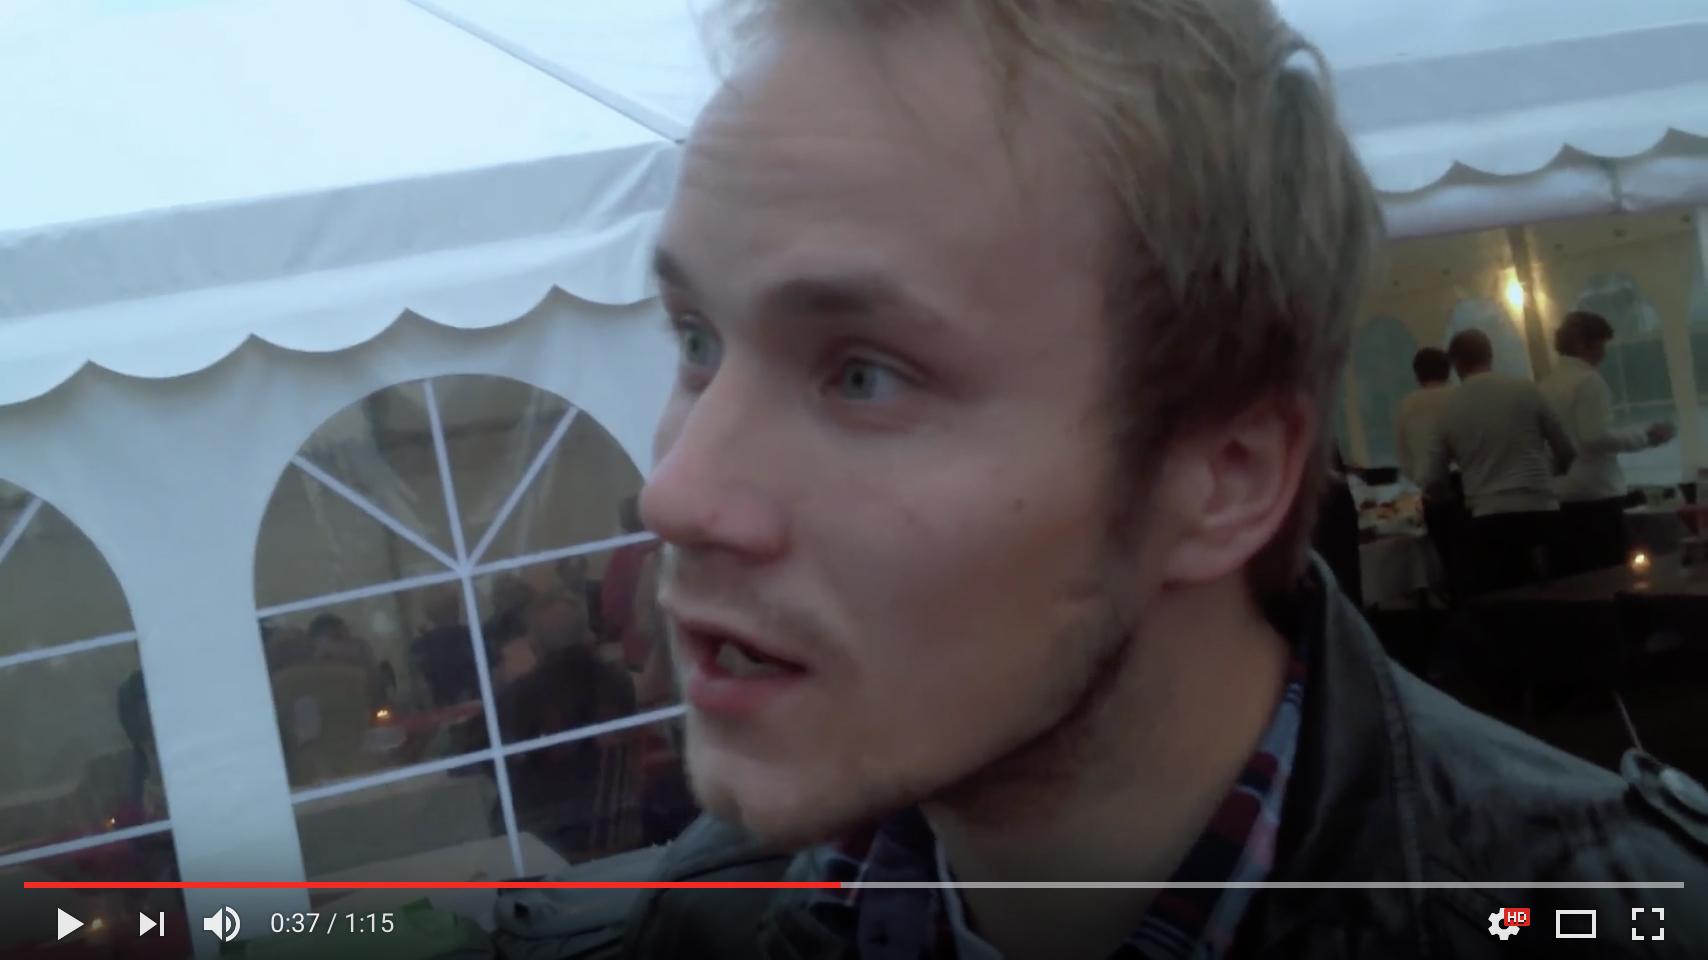 .jpg - Gjesters reaksjoner på tryllekunstner Rune Carlsen